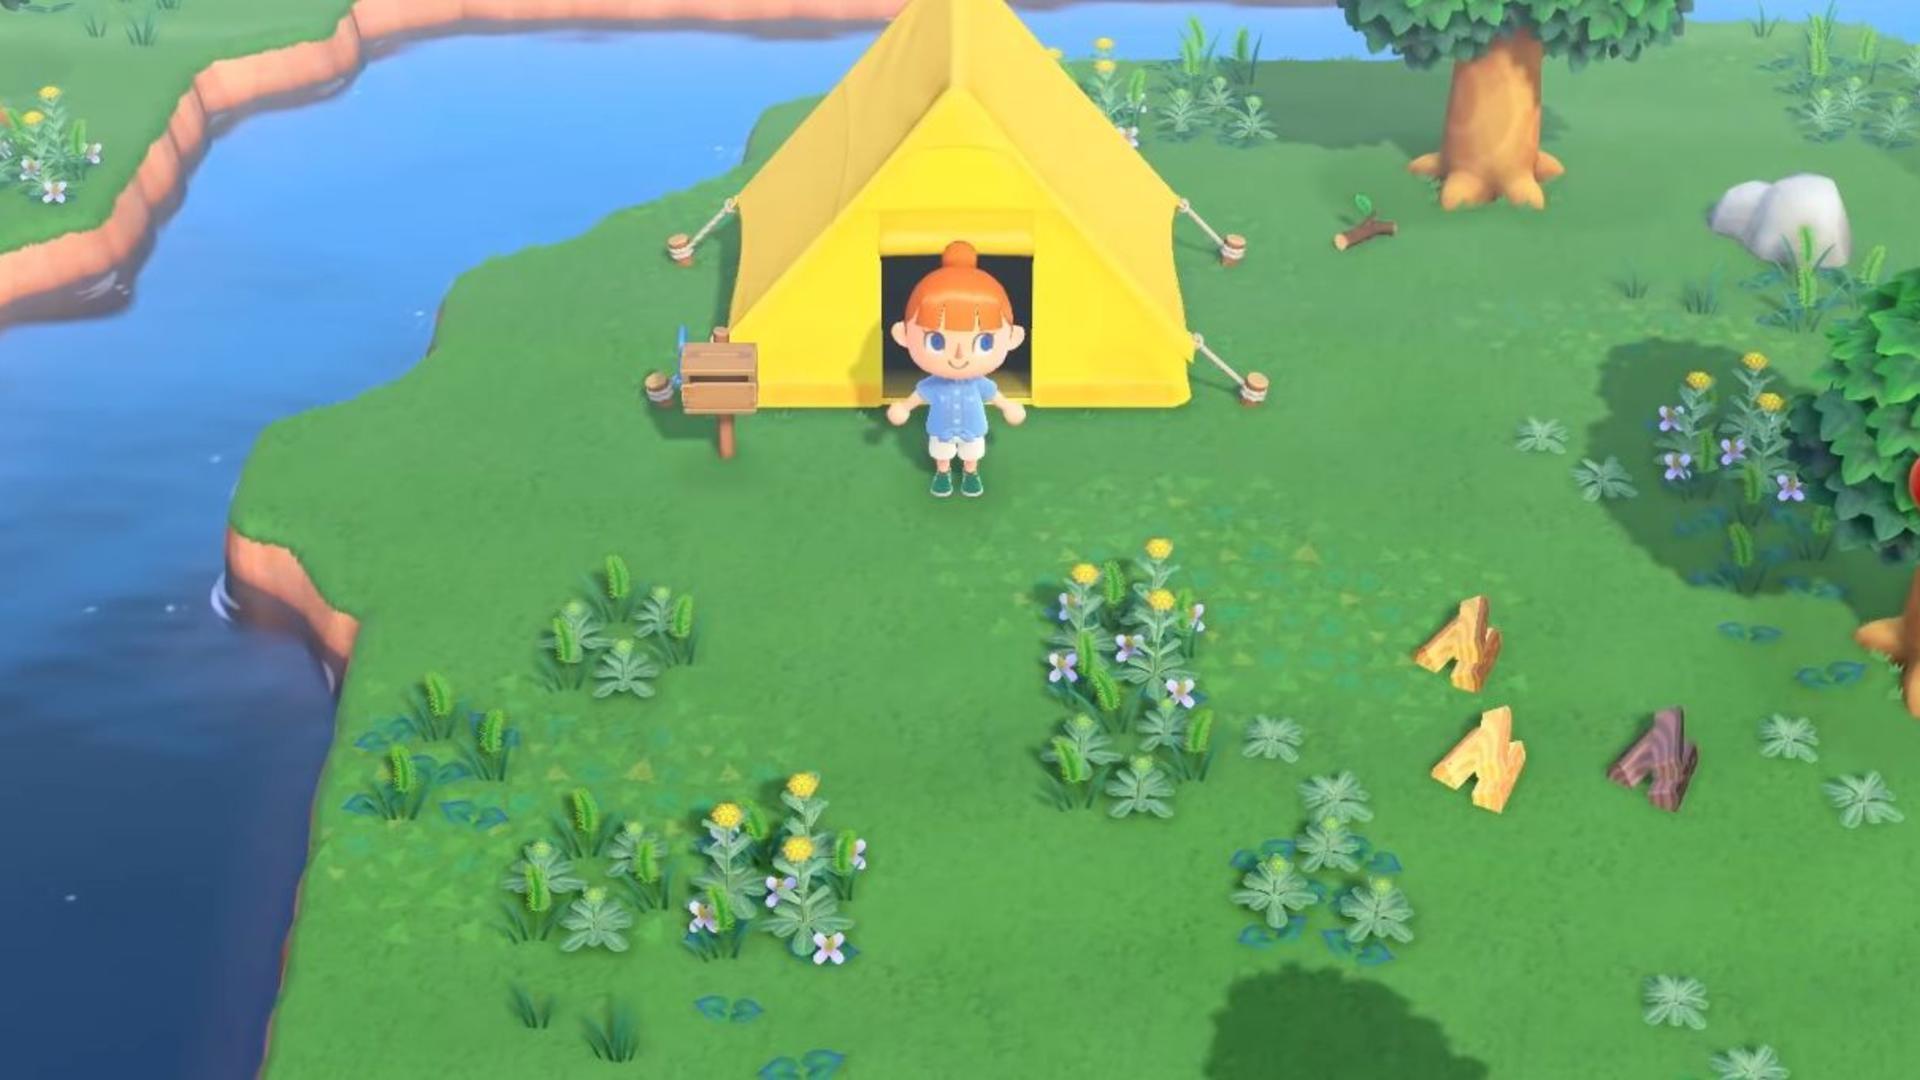 animal crossing new horizons gameplay wallpaper 69258